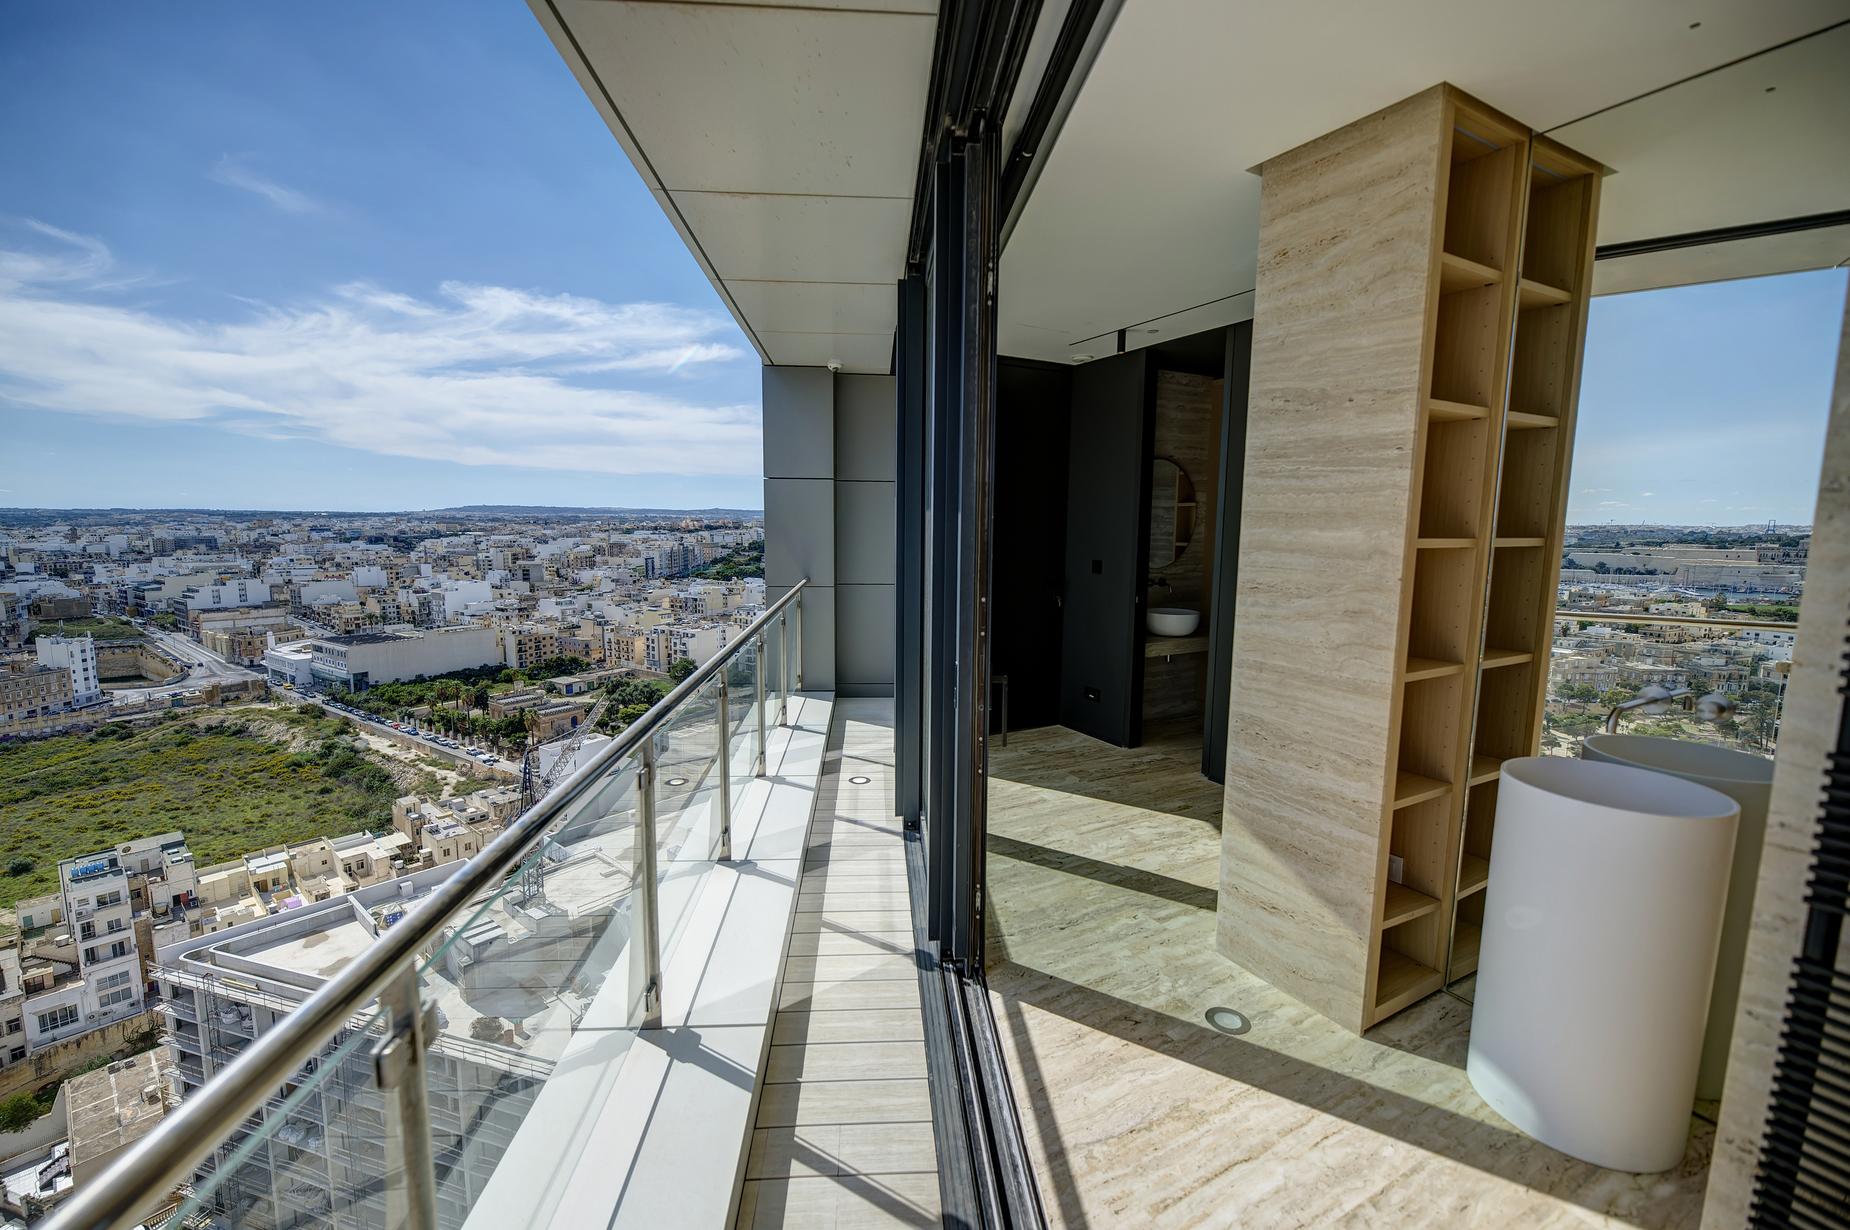 3 bed Apartment For Sale in Gzira, Gzira - thumb 24